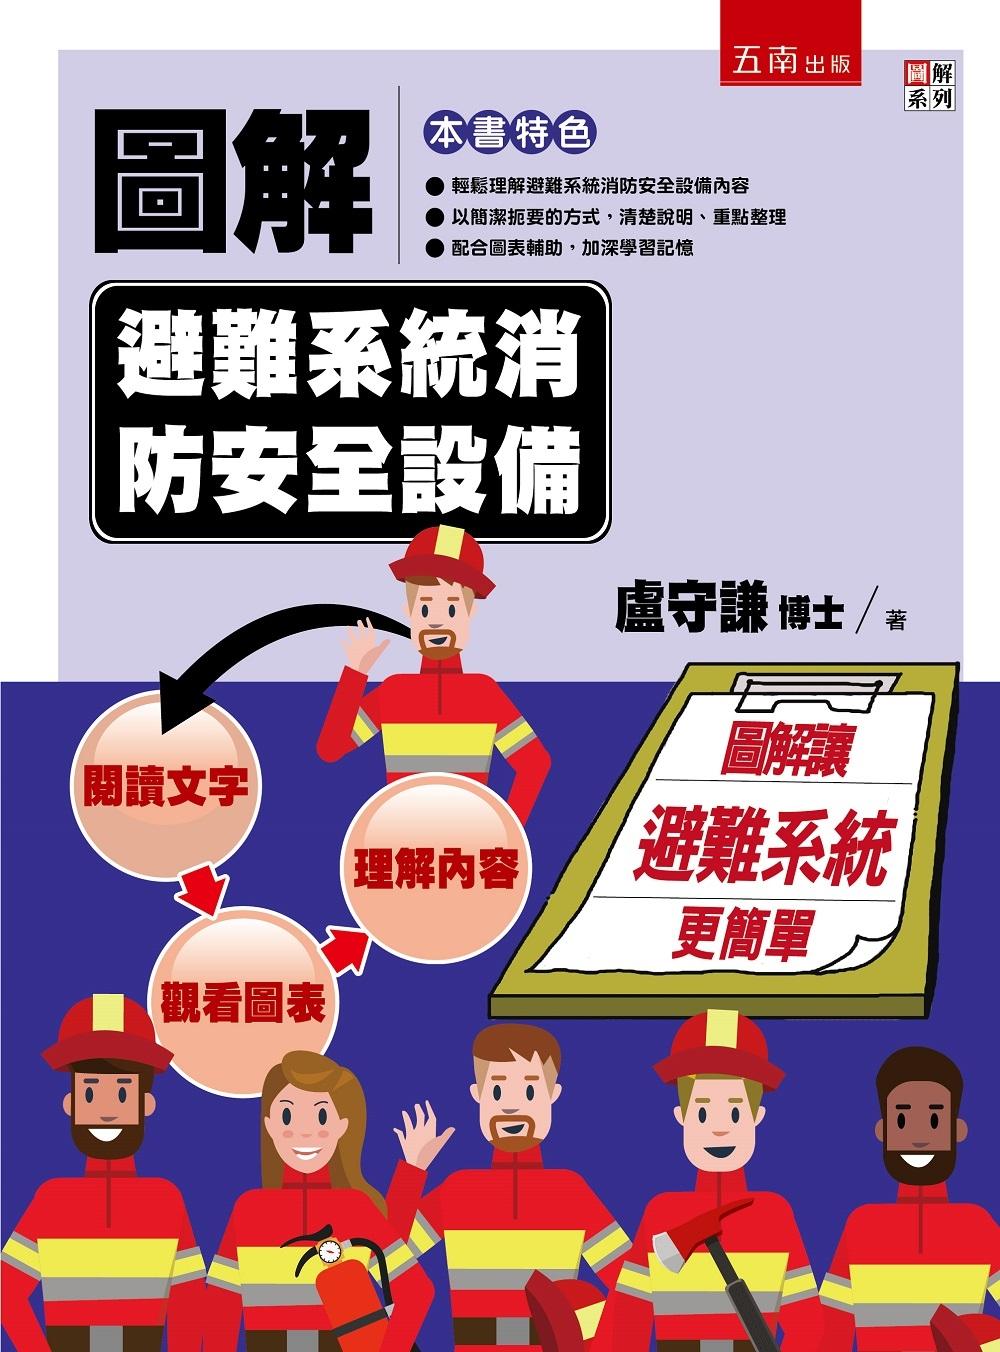 圖解避難系統消防安全設備